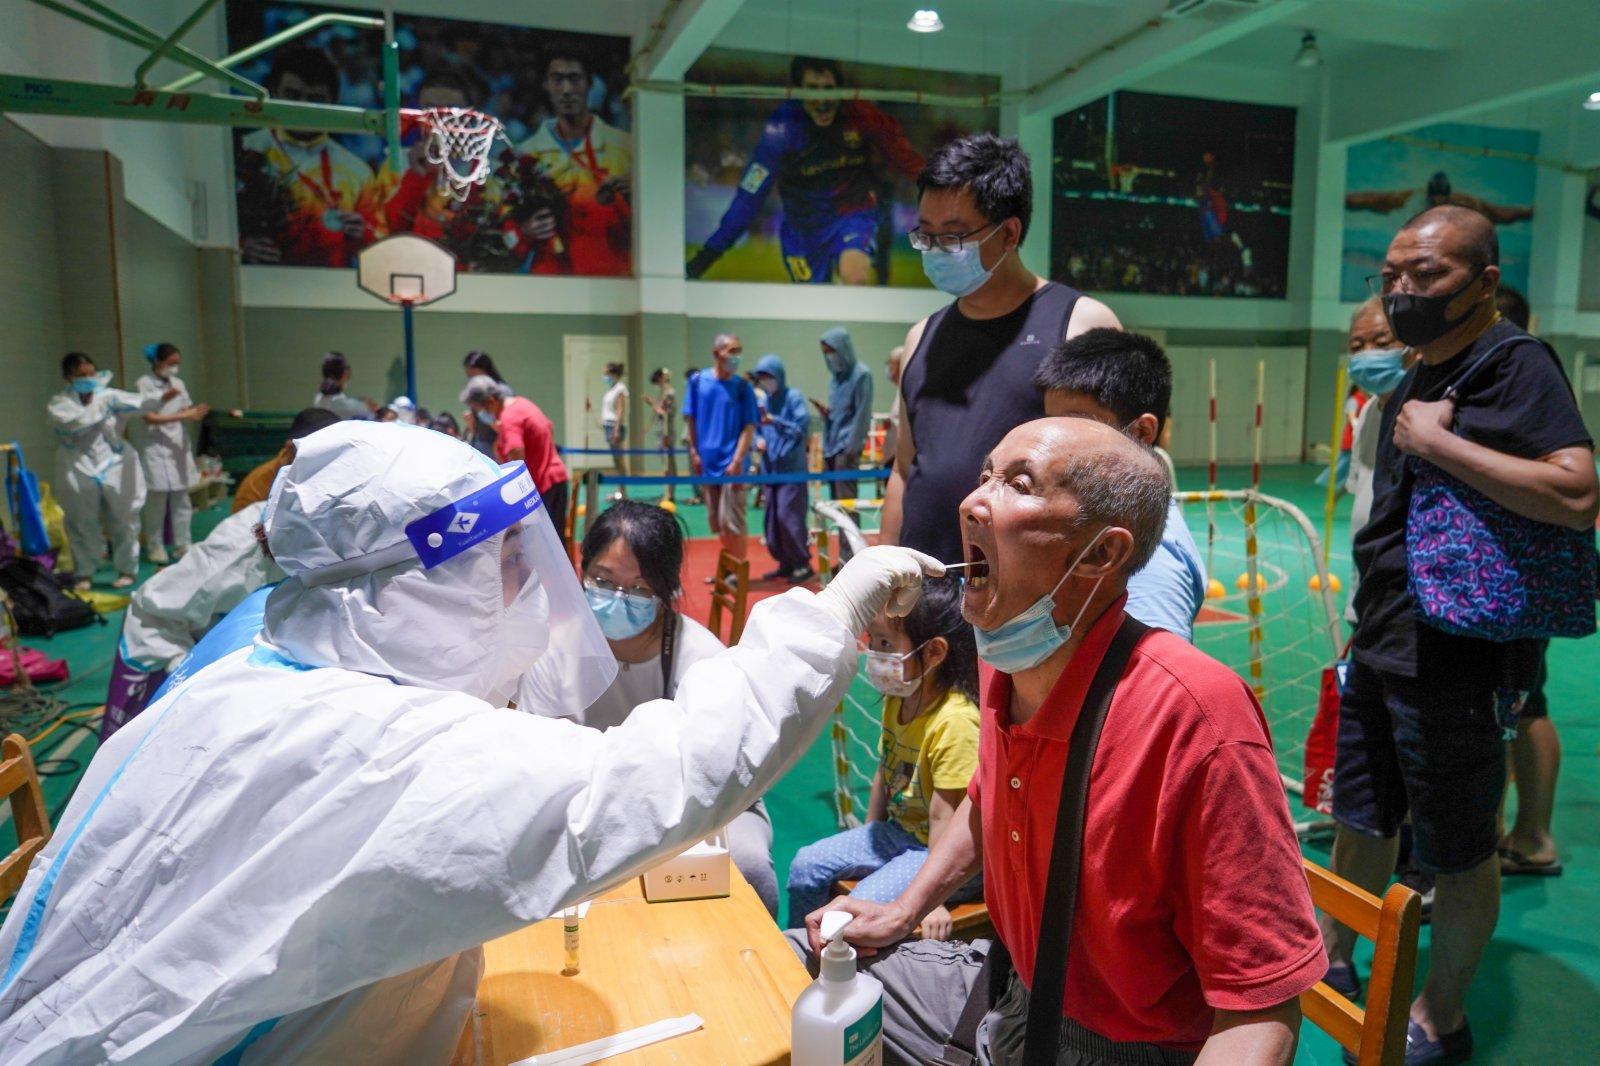 7月21日晚,在南京市建鄴區一處檢測點,醫務人員在為市民進行核酸檢測取樣。(新華社)